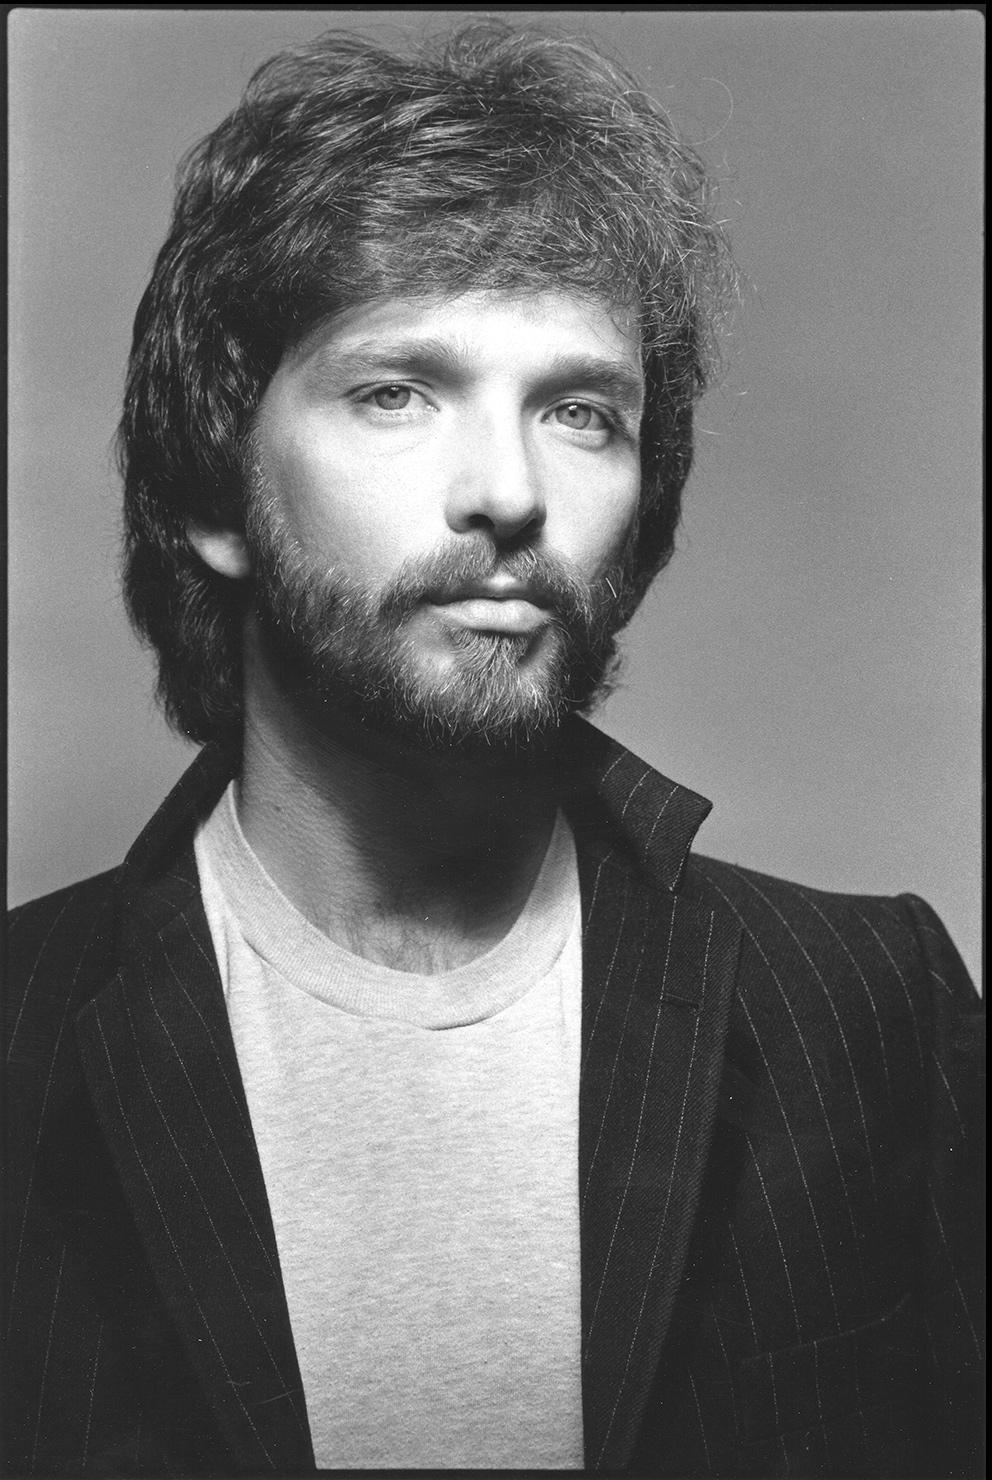 Photo Beth Bischoff/1984